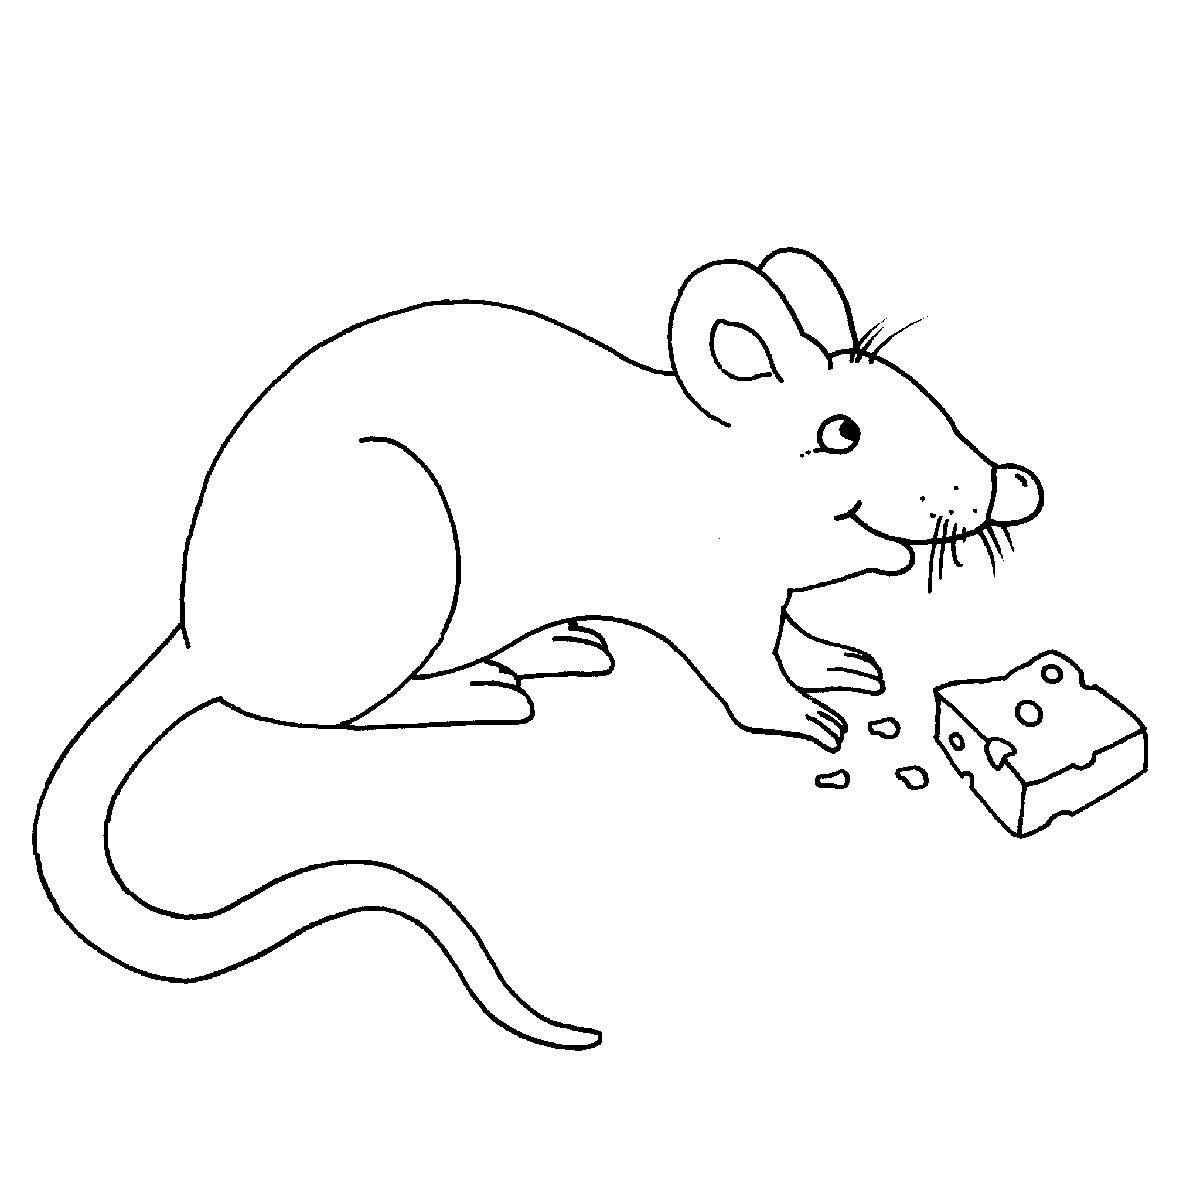 Kostenlose Malvorlage Bauernhof: Maus Mit Käse Zum Ausmalen bei Maus Zum Ausmalen